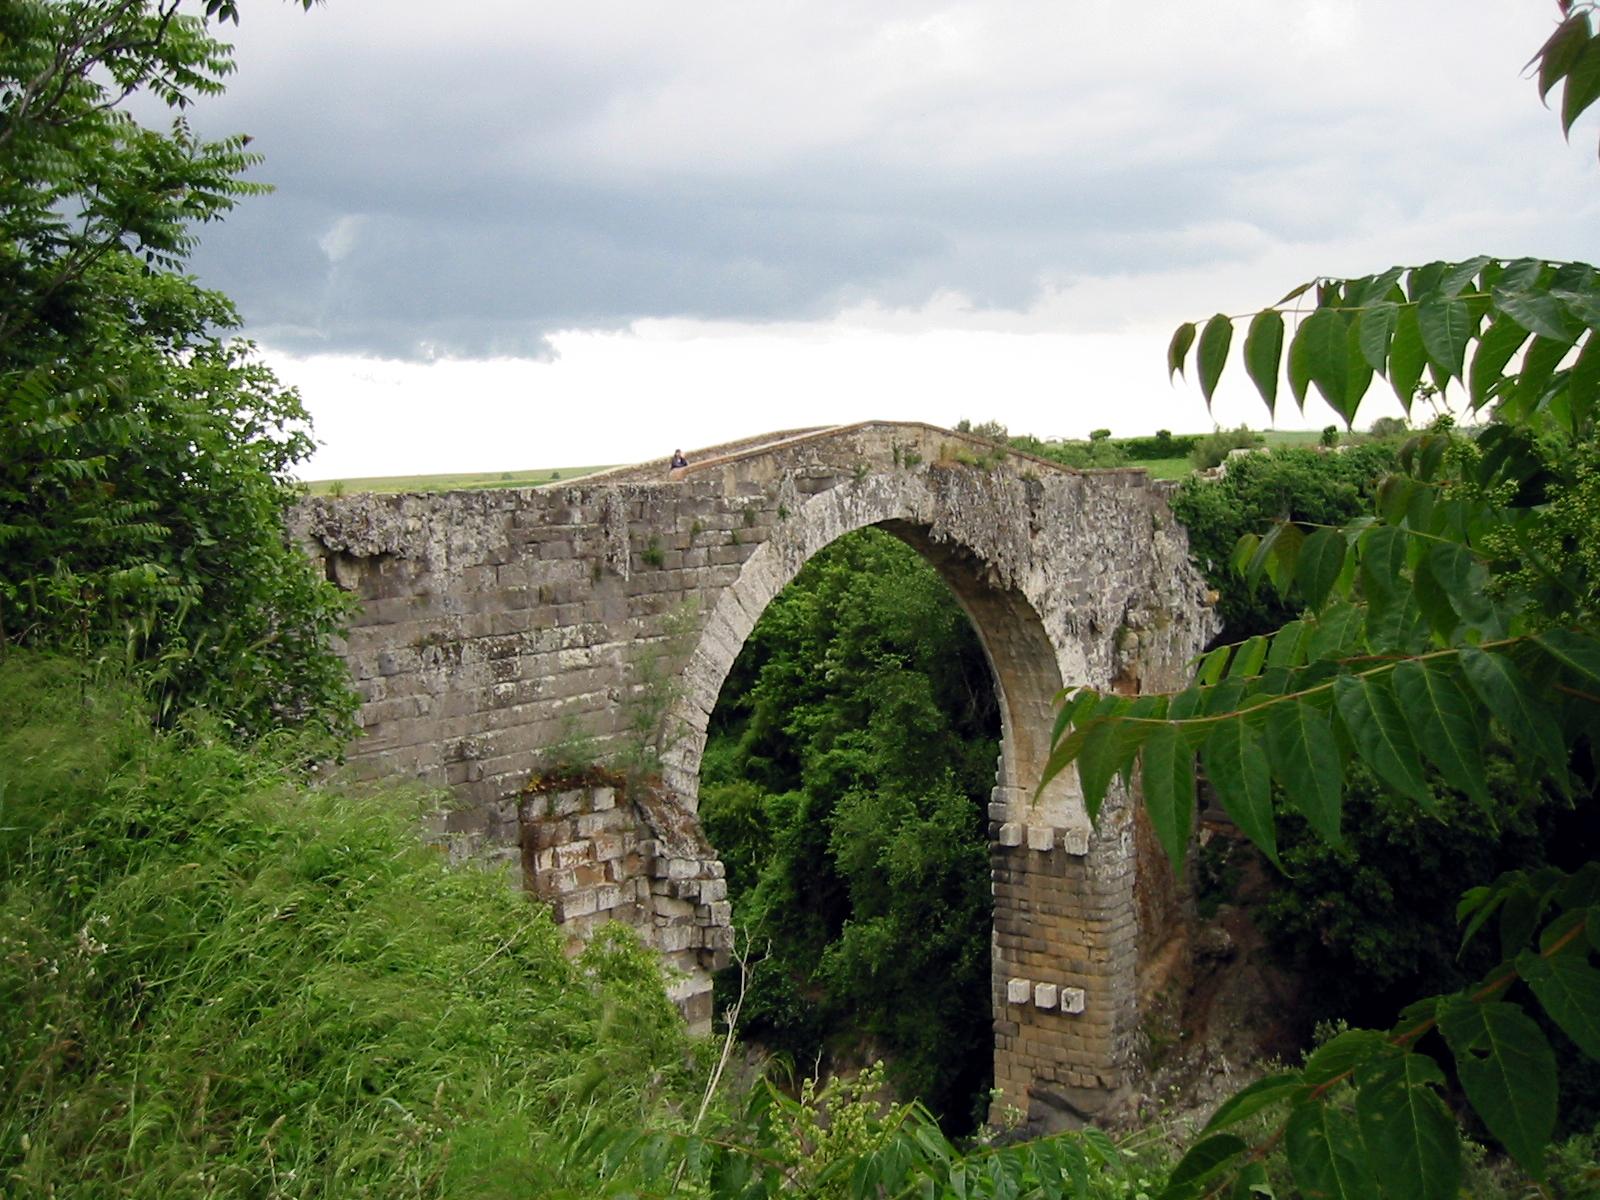 The Ponte dell'Abbadia is a Roman bridge across the Fiora in Vulci, Province of Viterbo